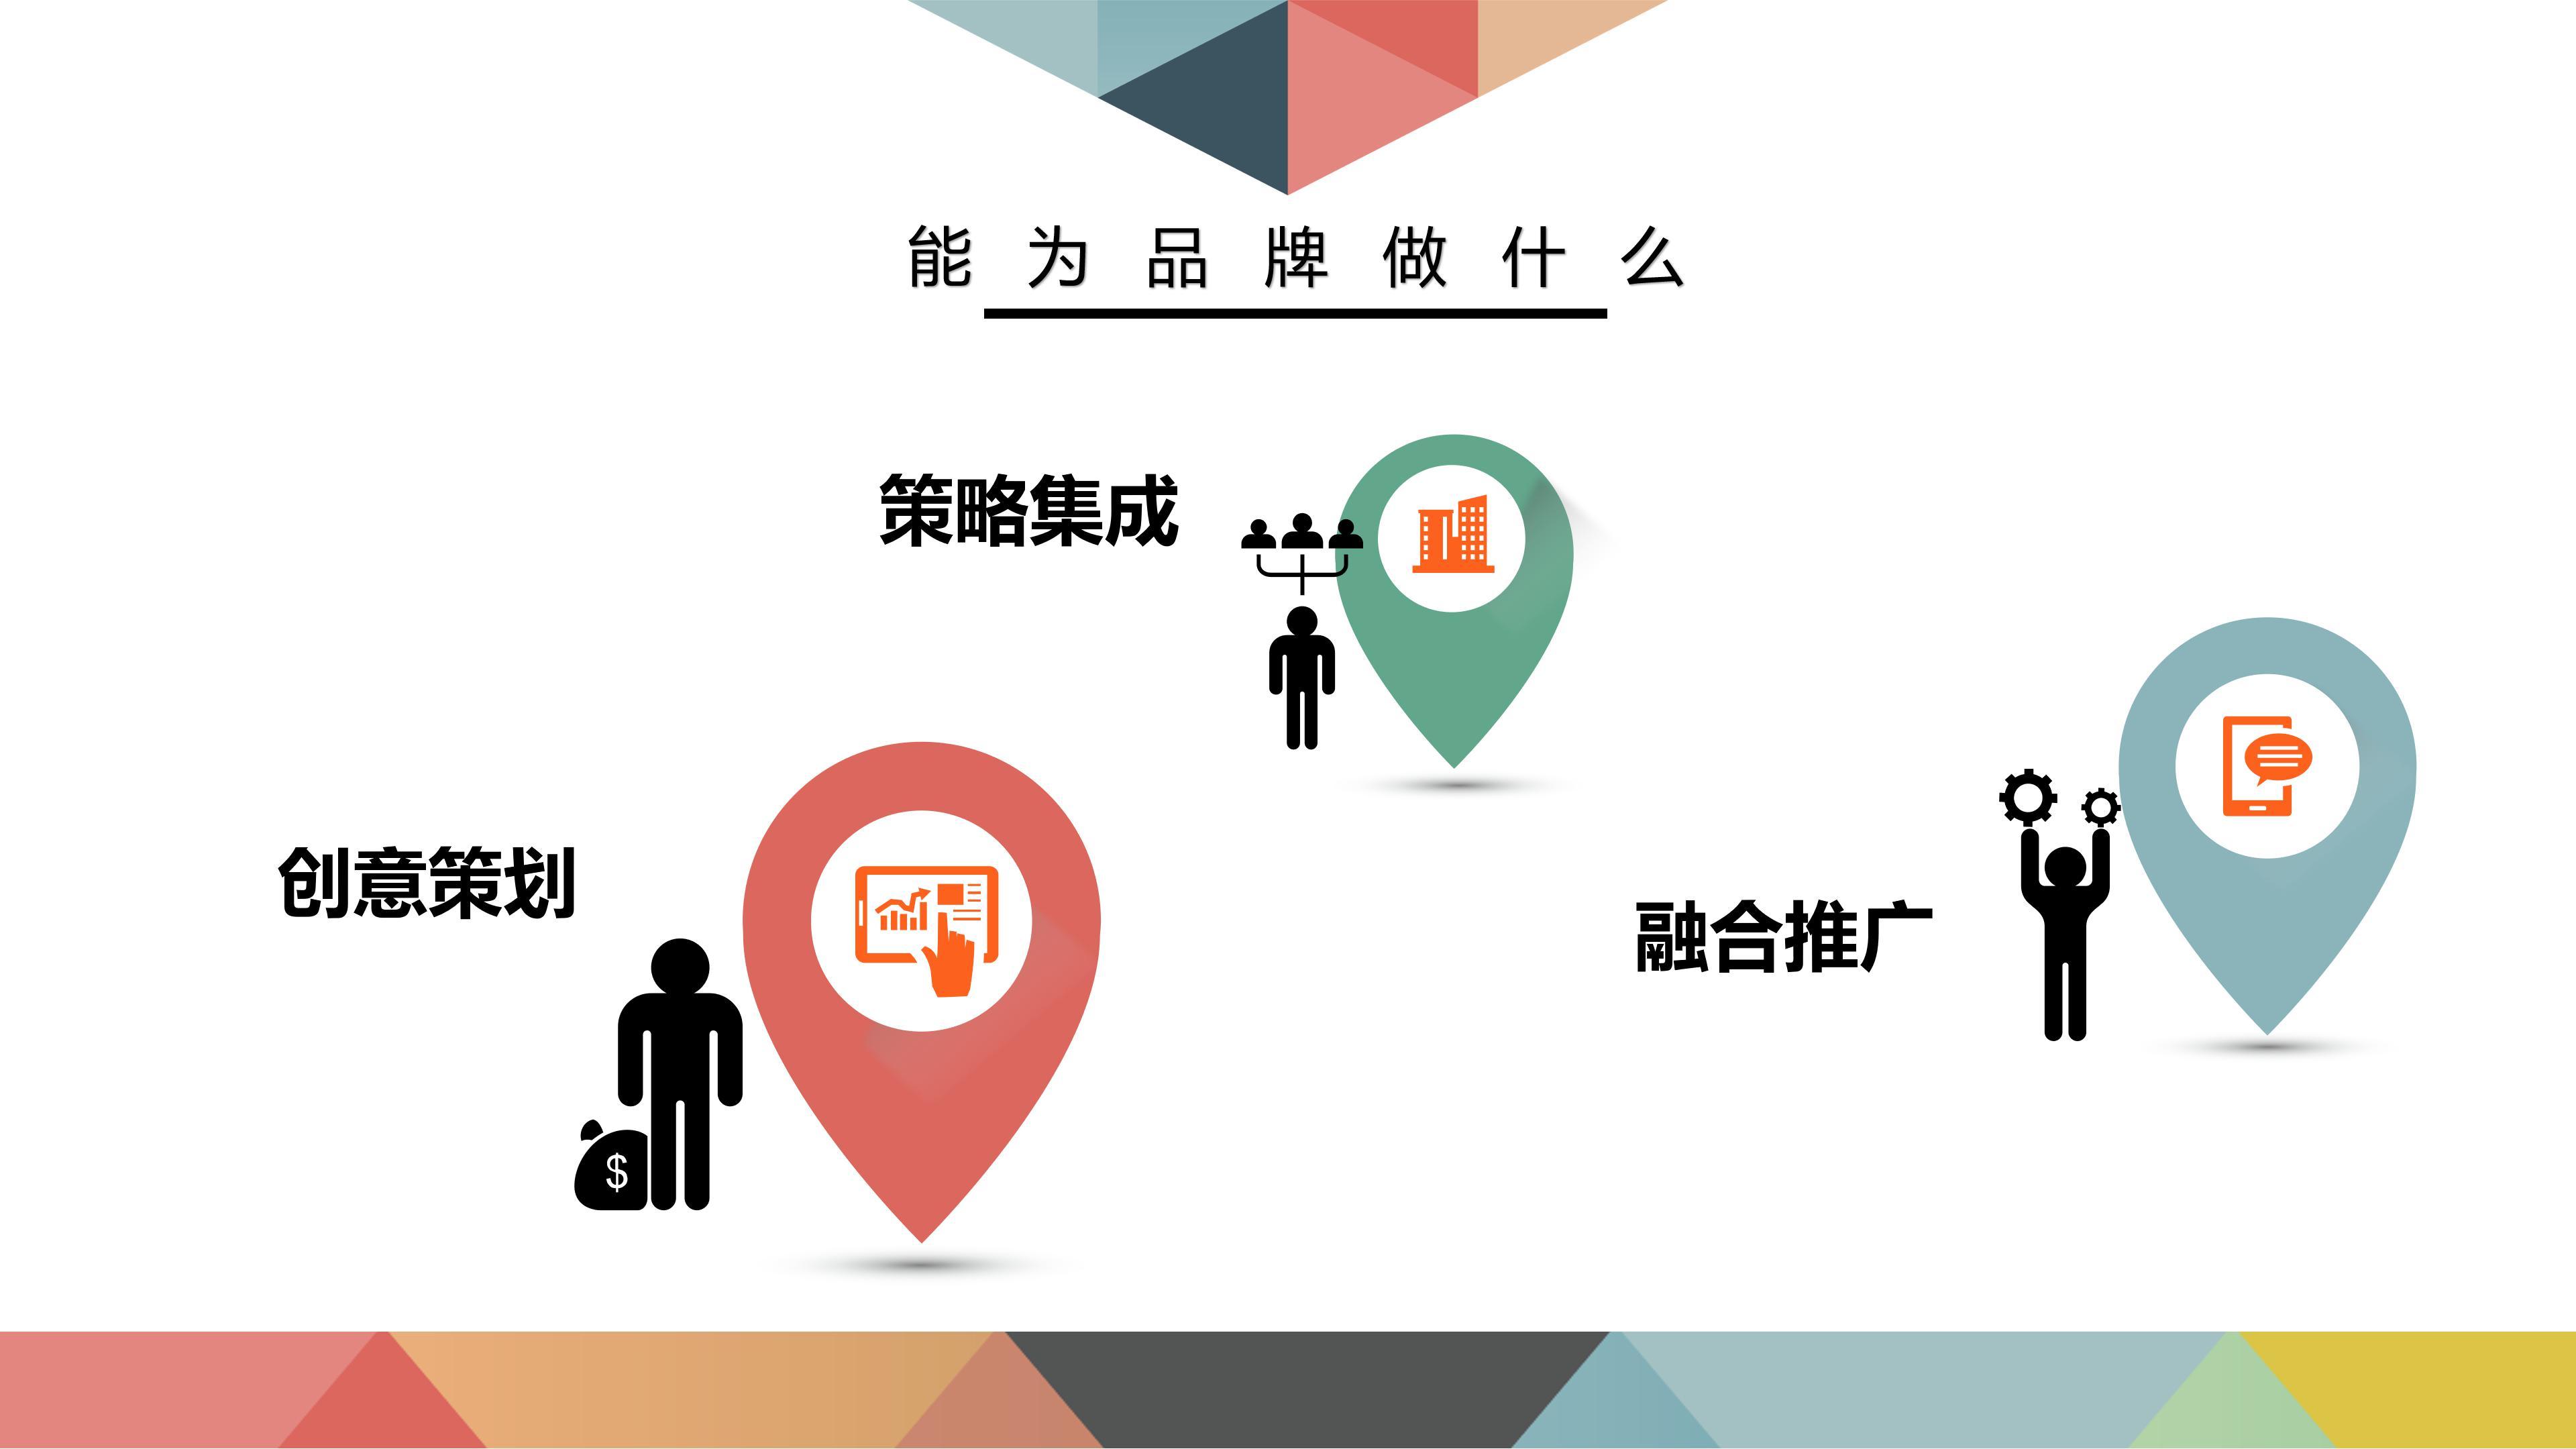 臺南新動向廣告文化傳播有限公司引見NEW_07